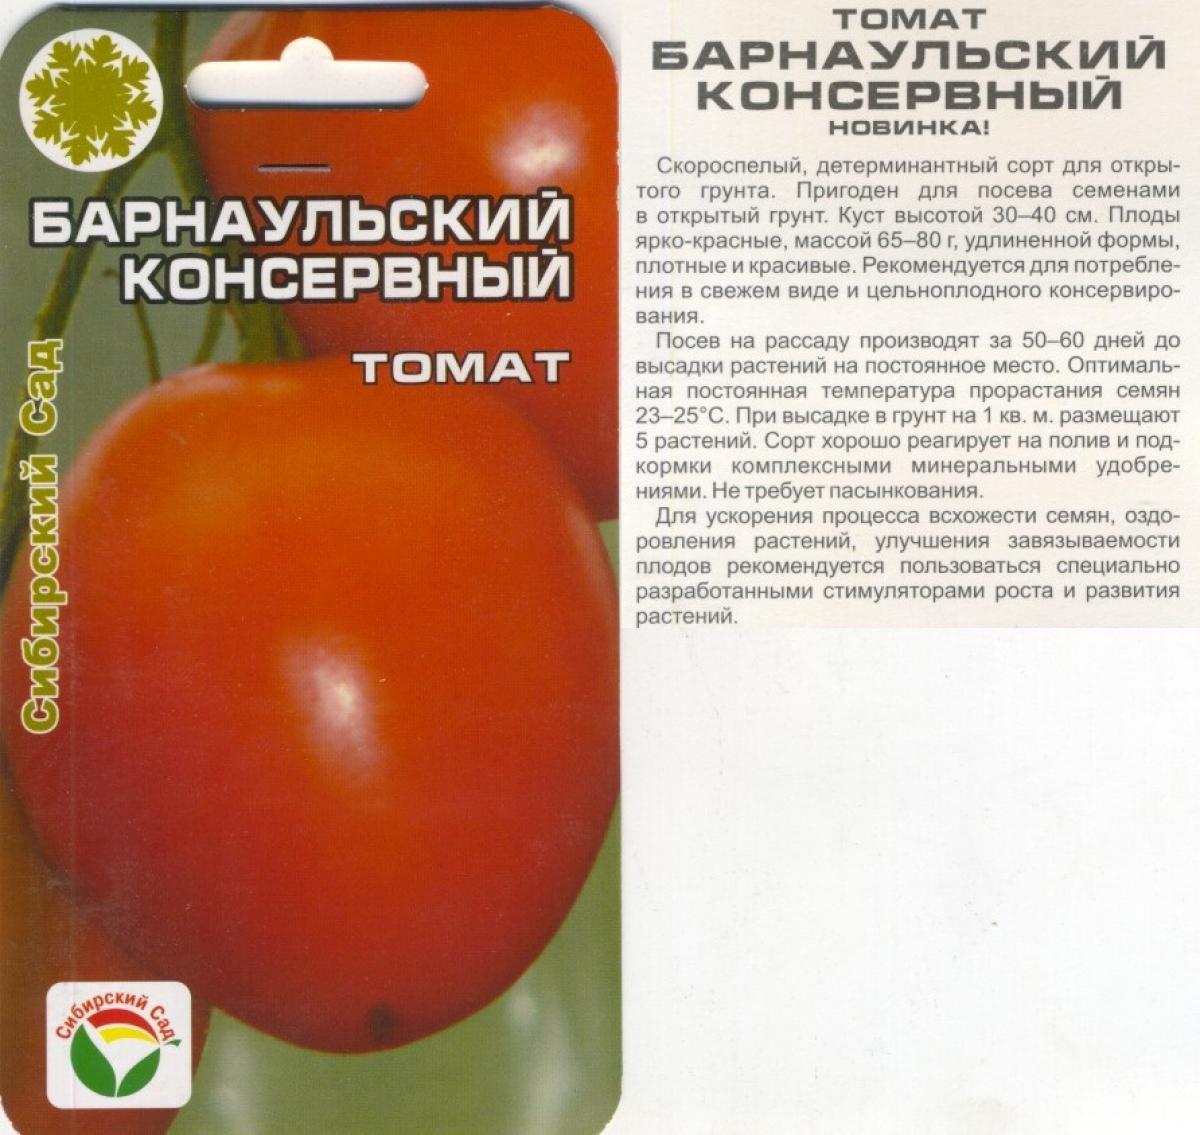 Ранние сорта томатов: обзор 100 лучших сортов с фото и описанием